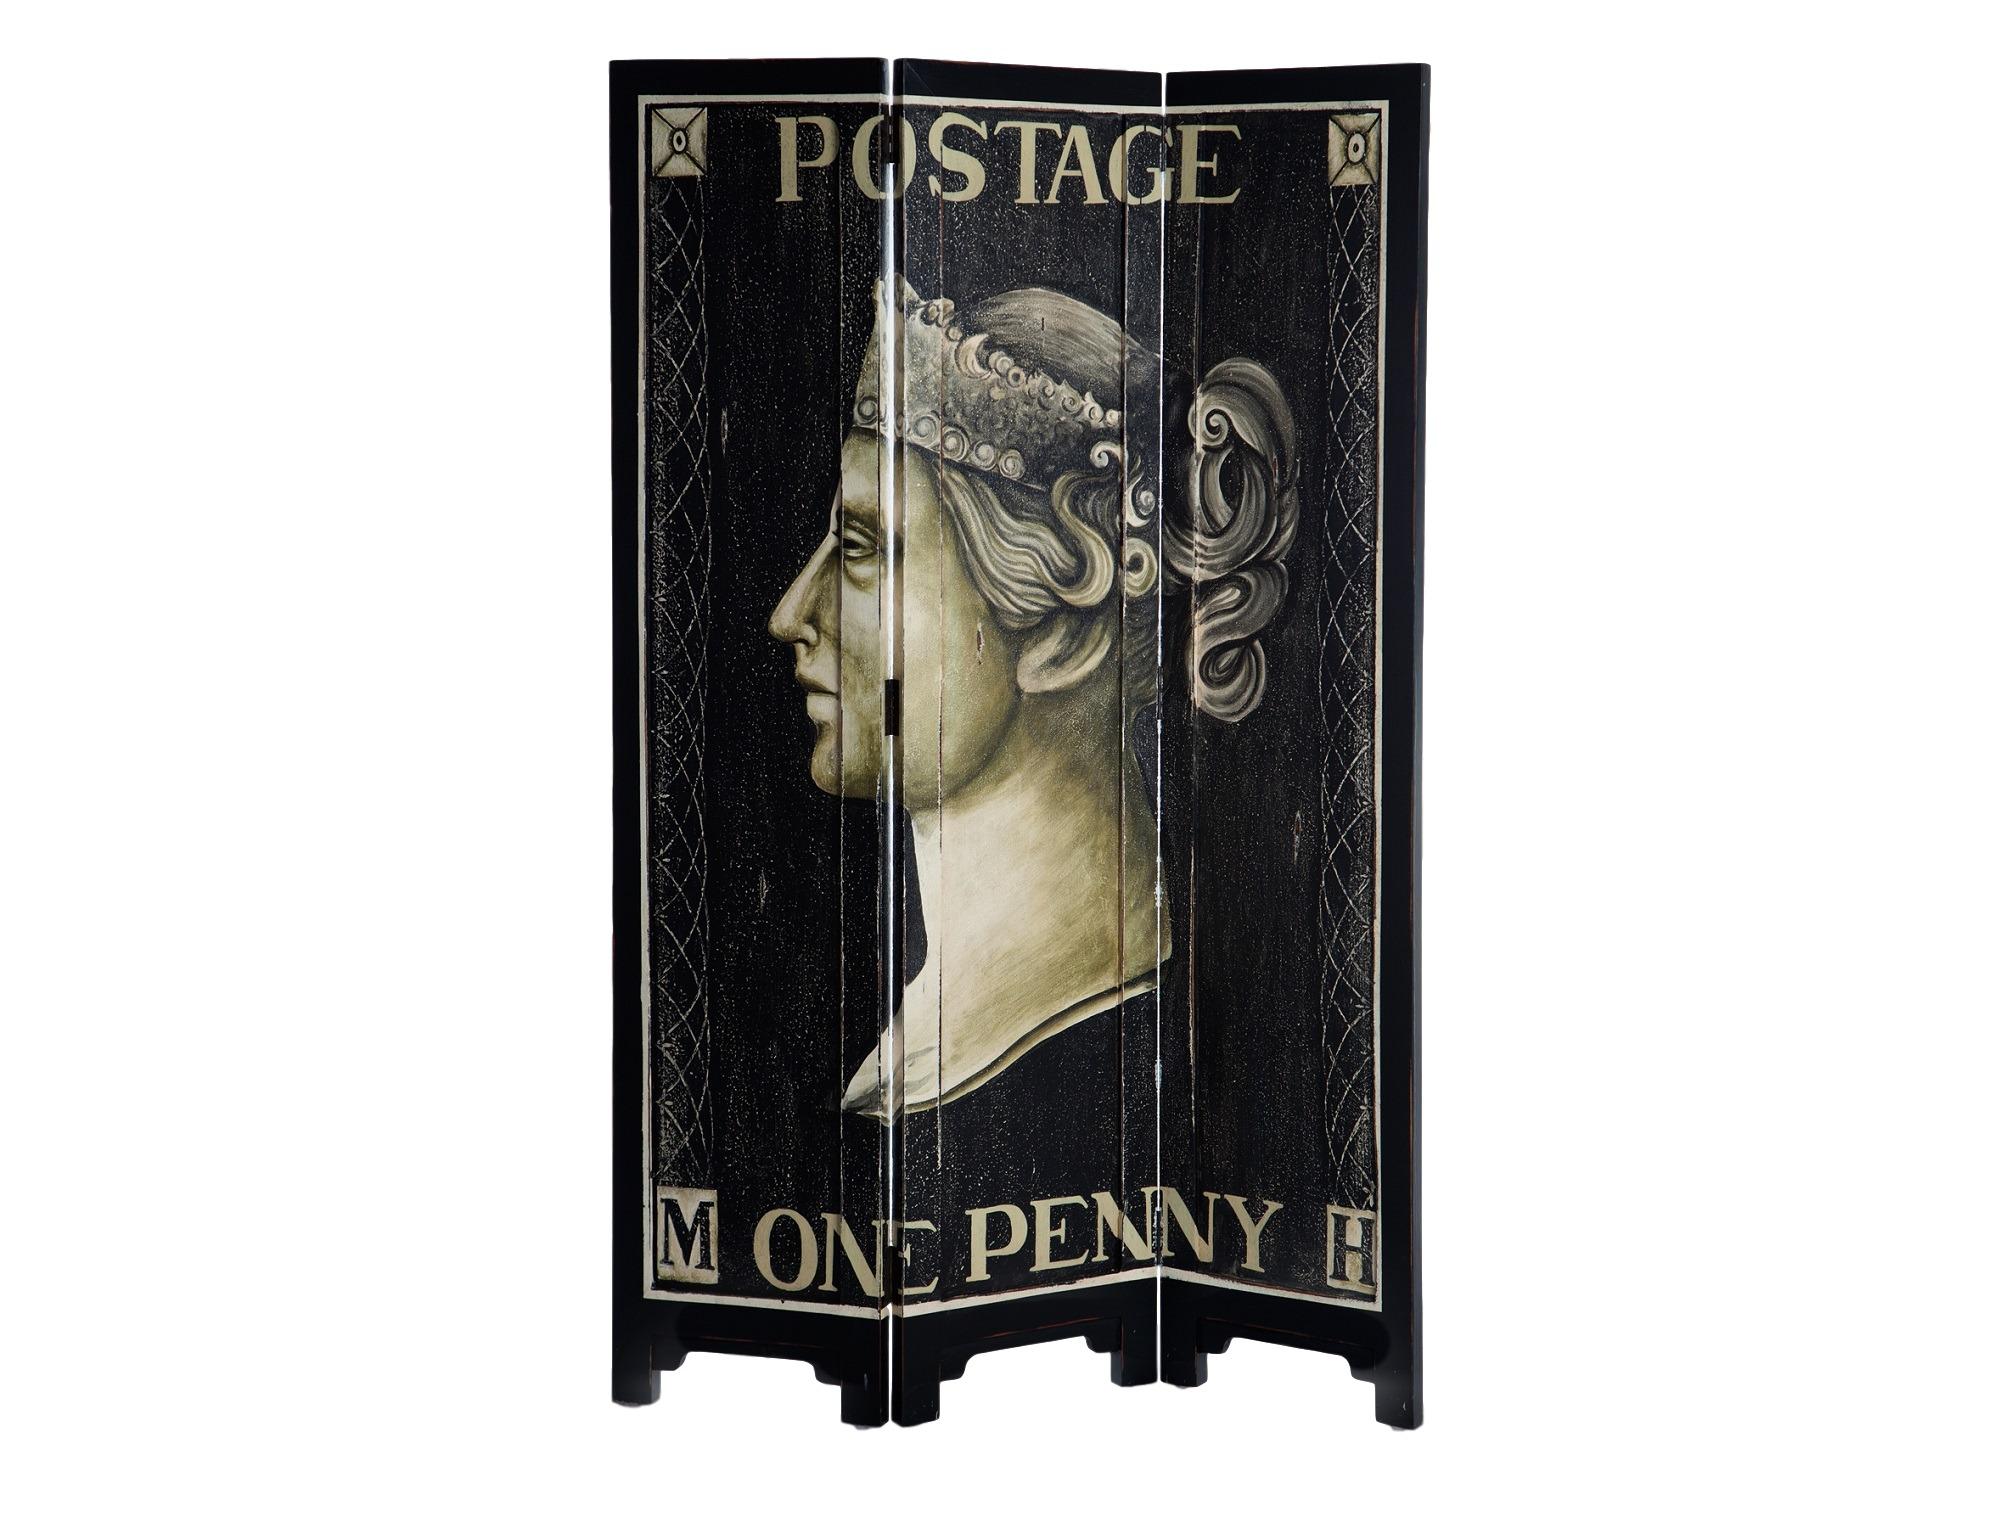 Ширма расписнаяШирмы<br>Ширма из трех створок с изображением первой в истории почтовой марки (Penny Black). Роспись ручной работы, декорирована старением.<br><br>Material: Красное дерево<br>Width см: 120<br>Depth см: 3<br>Height см: 183